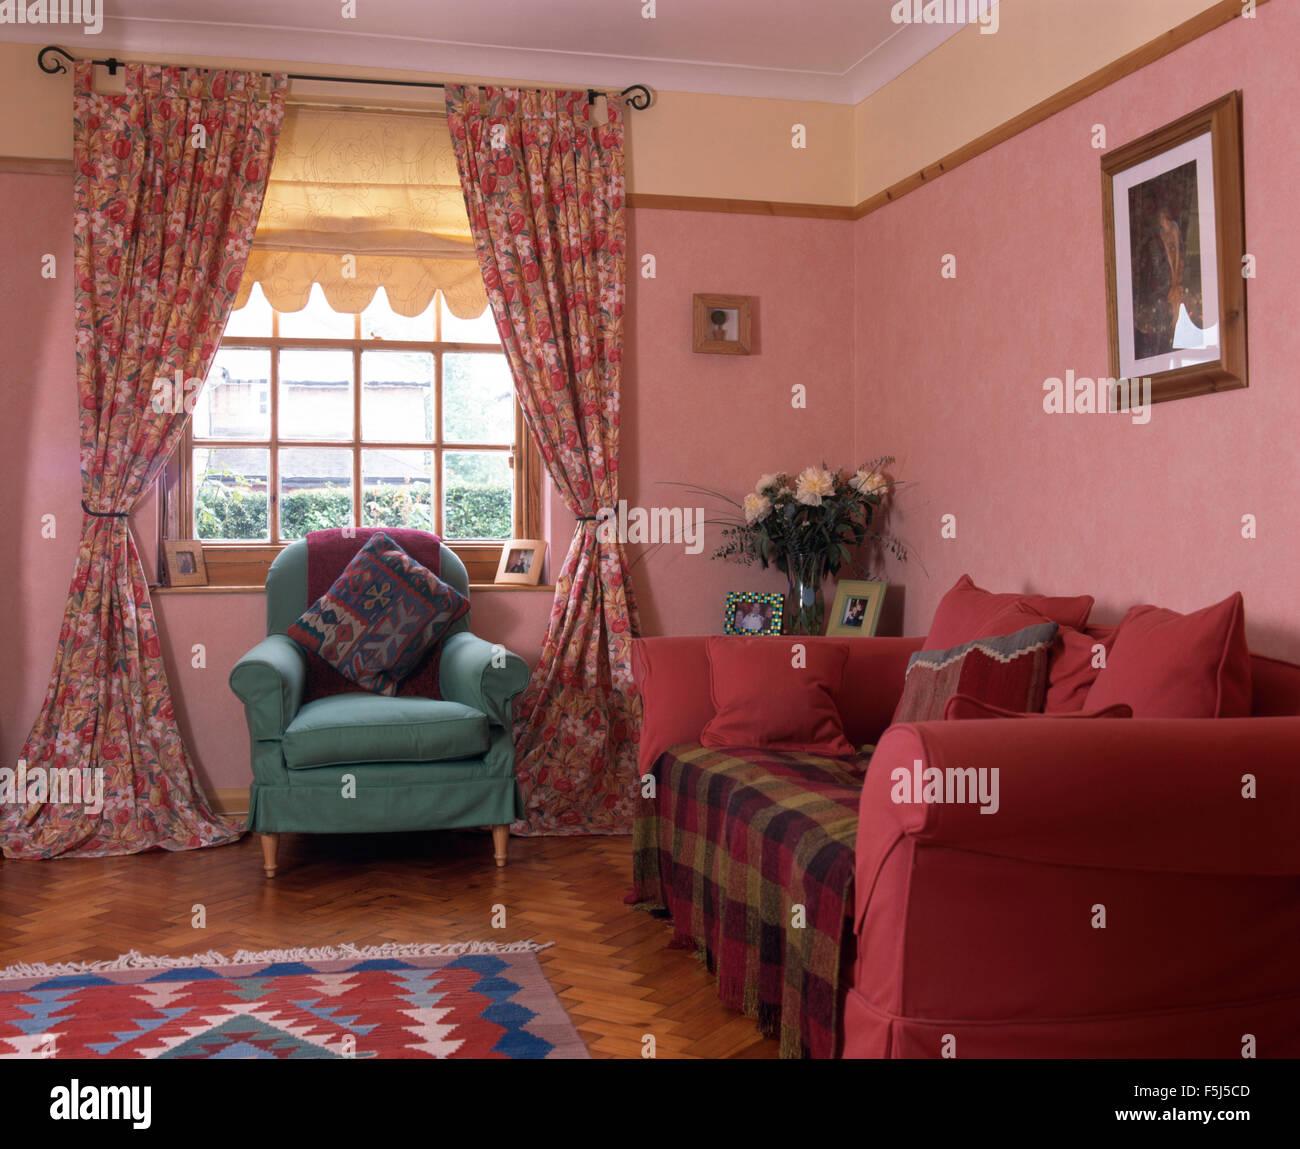 Grne Sessel Vor Fenster Mit Floral Gardinen Und Creme Blinde In Einer Rosa Neunziger Jahre Wohnzimmer Einem Tief Sofa